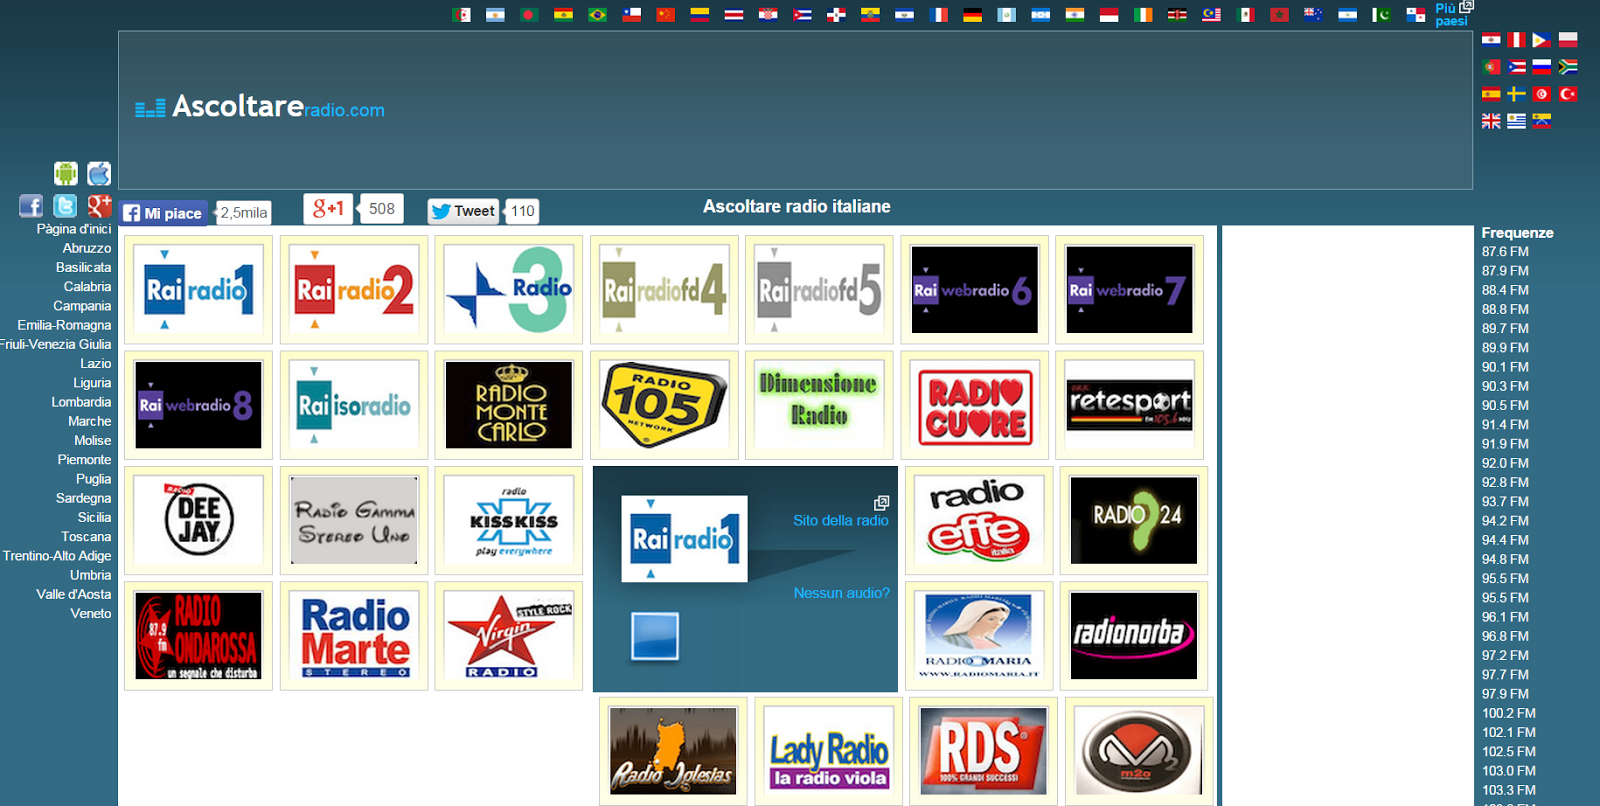 Ascoltare la radio online: tutte le web radio in una pagina